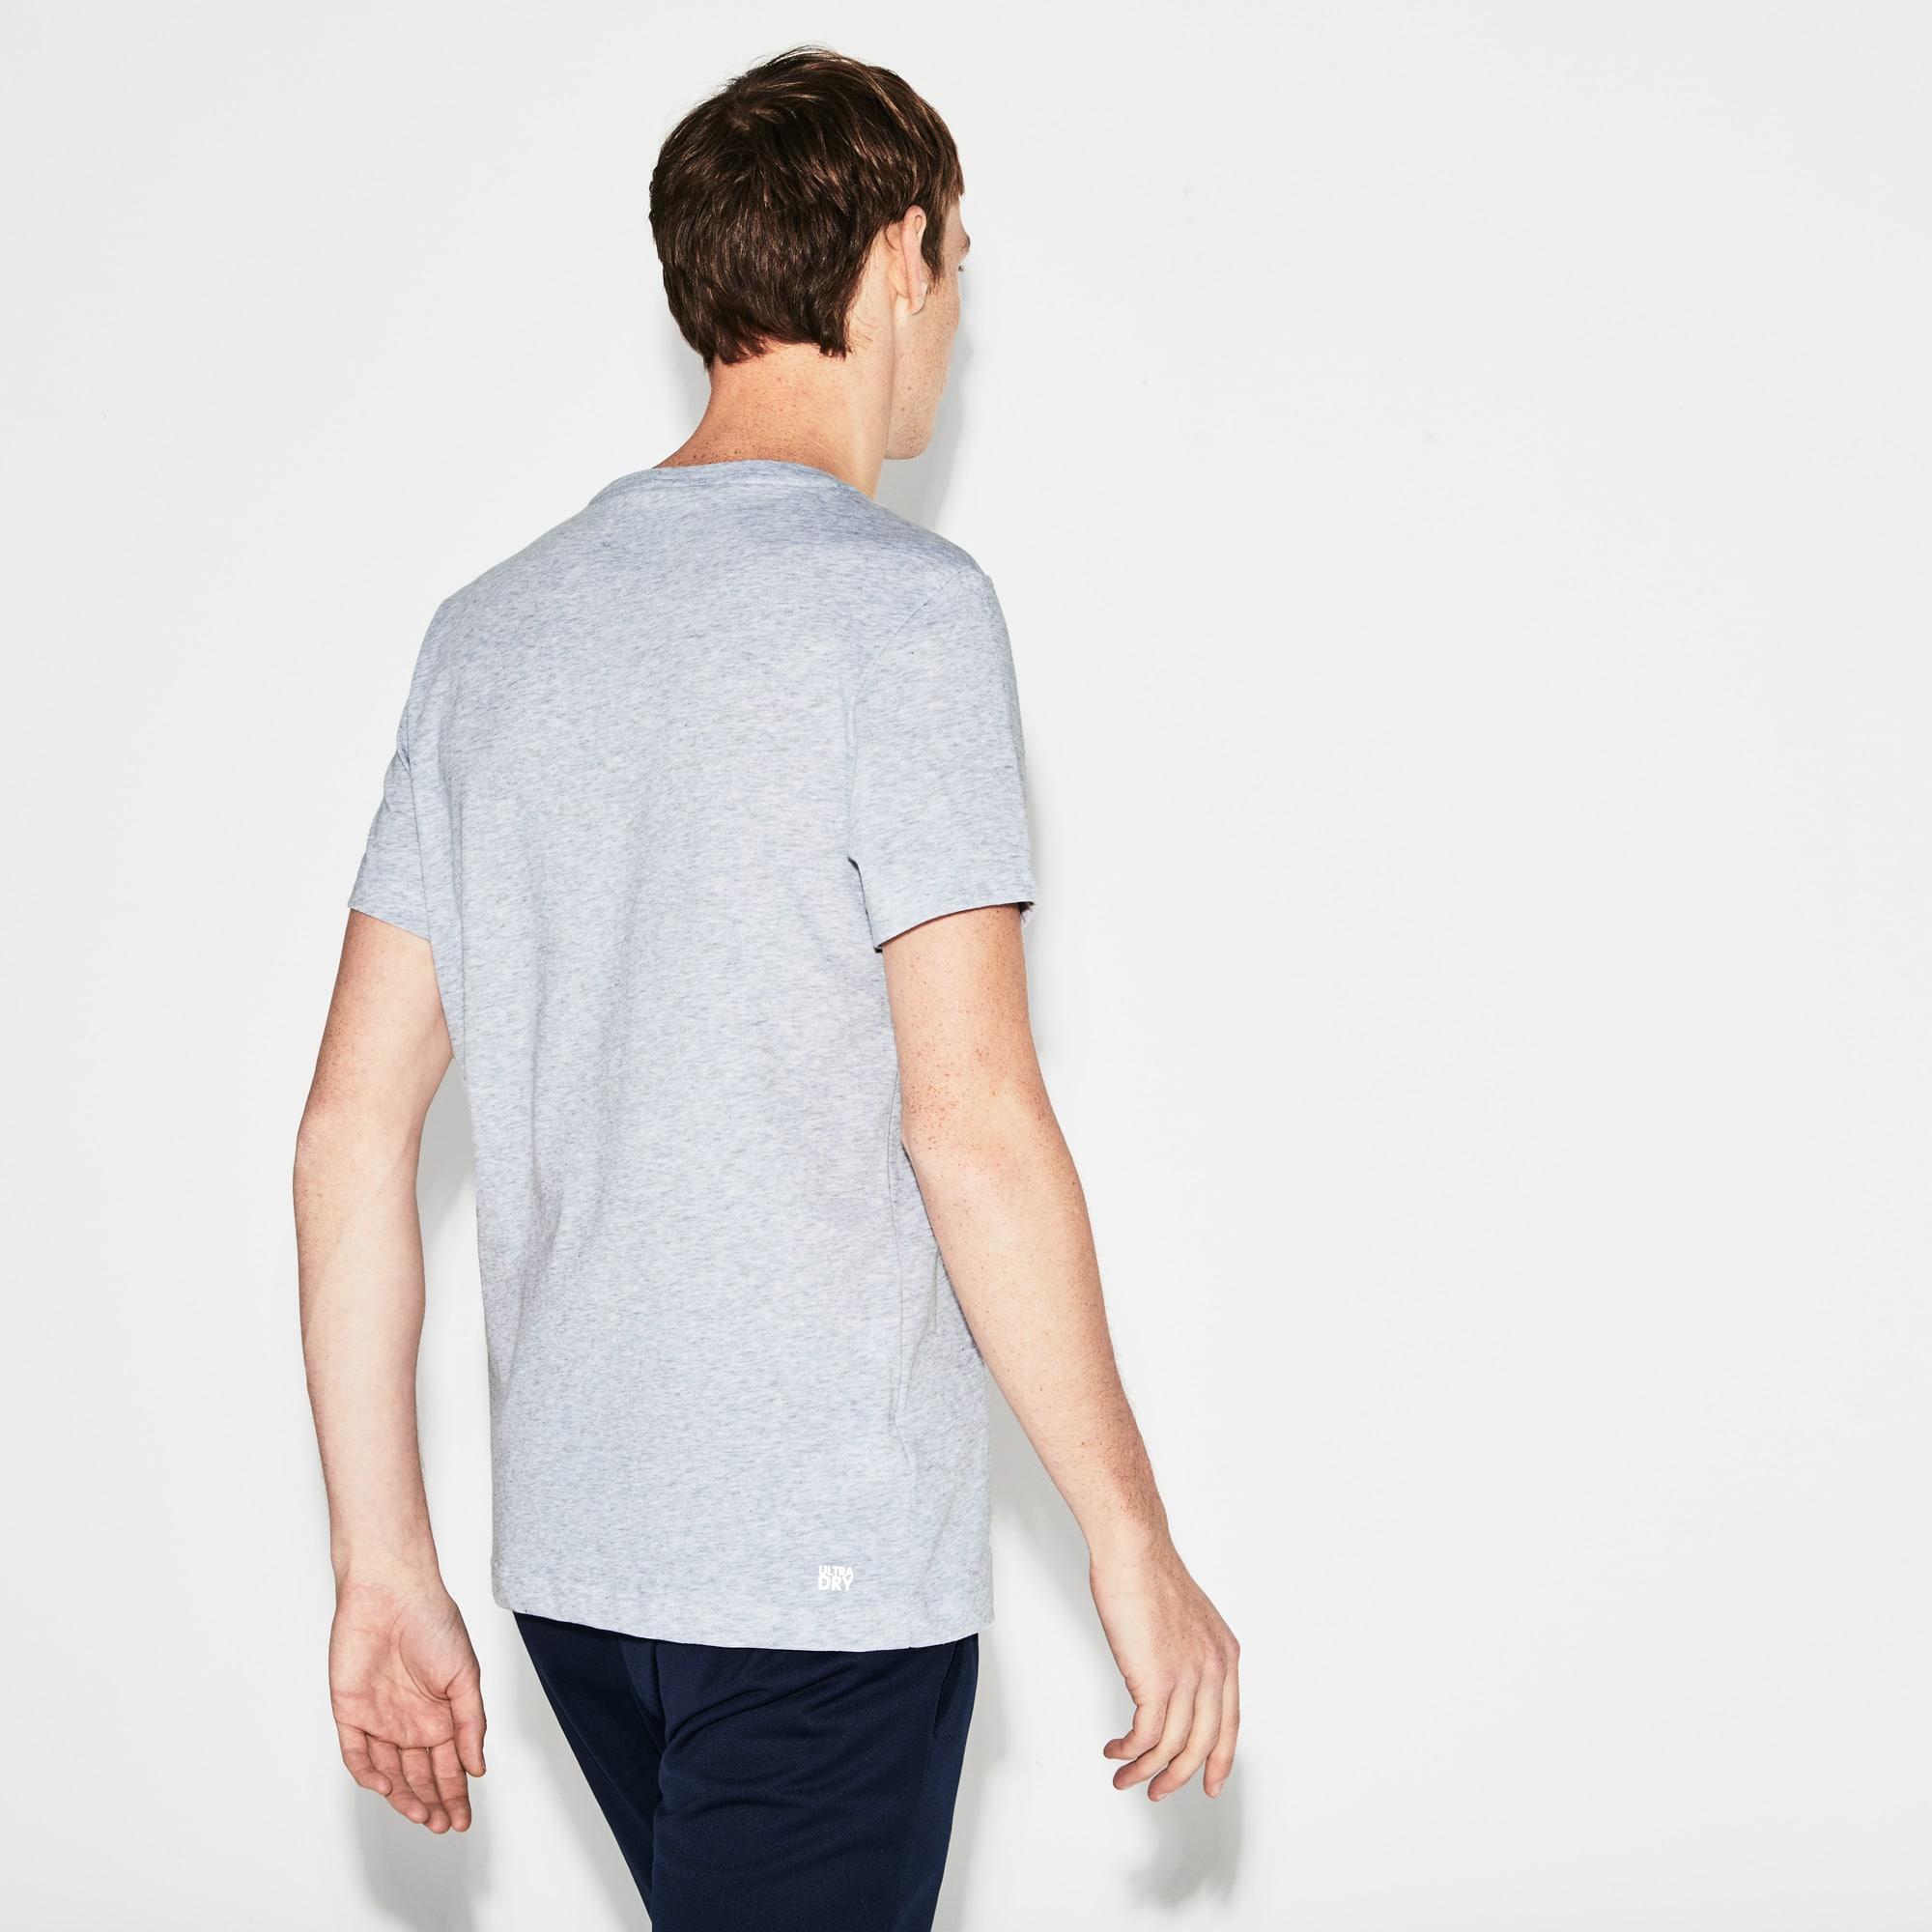 Men's SPORT Logo Tech Tennis T-Shirt